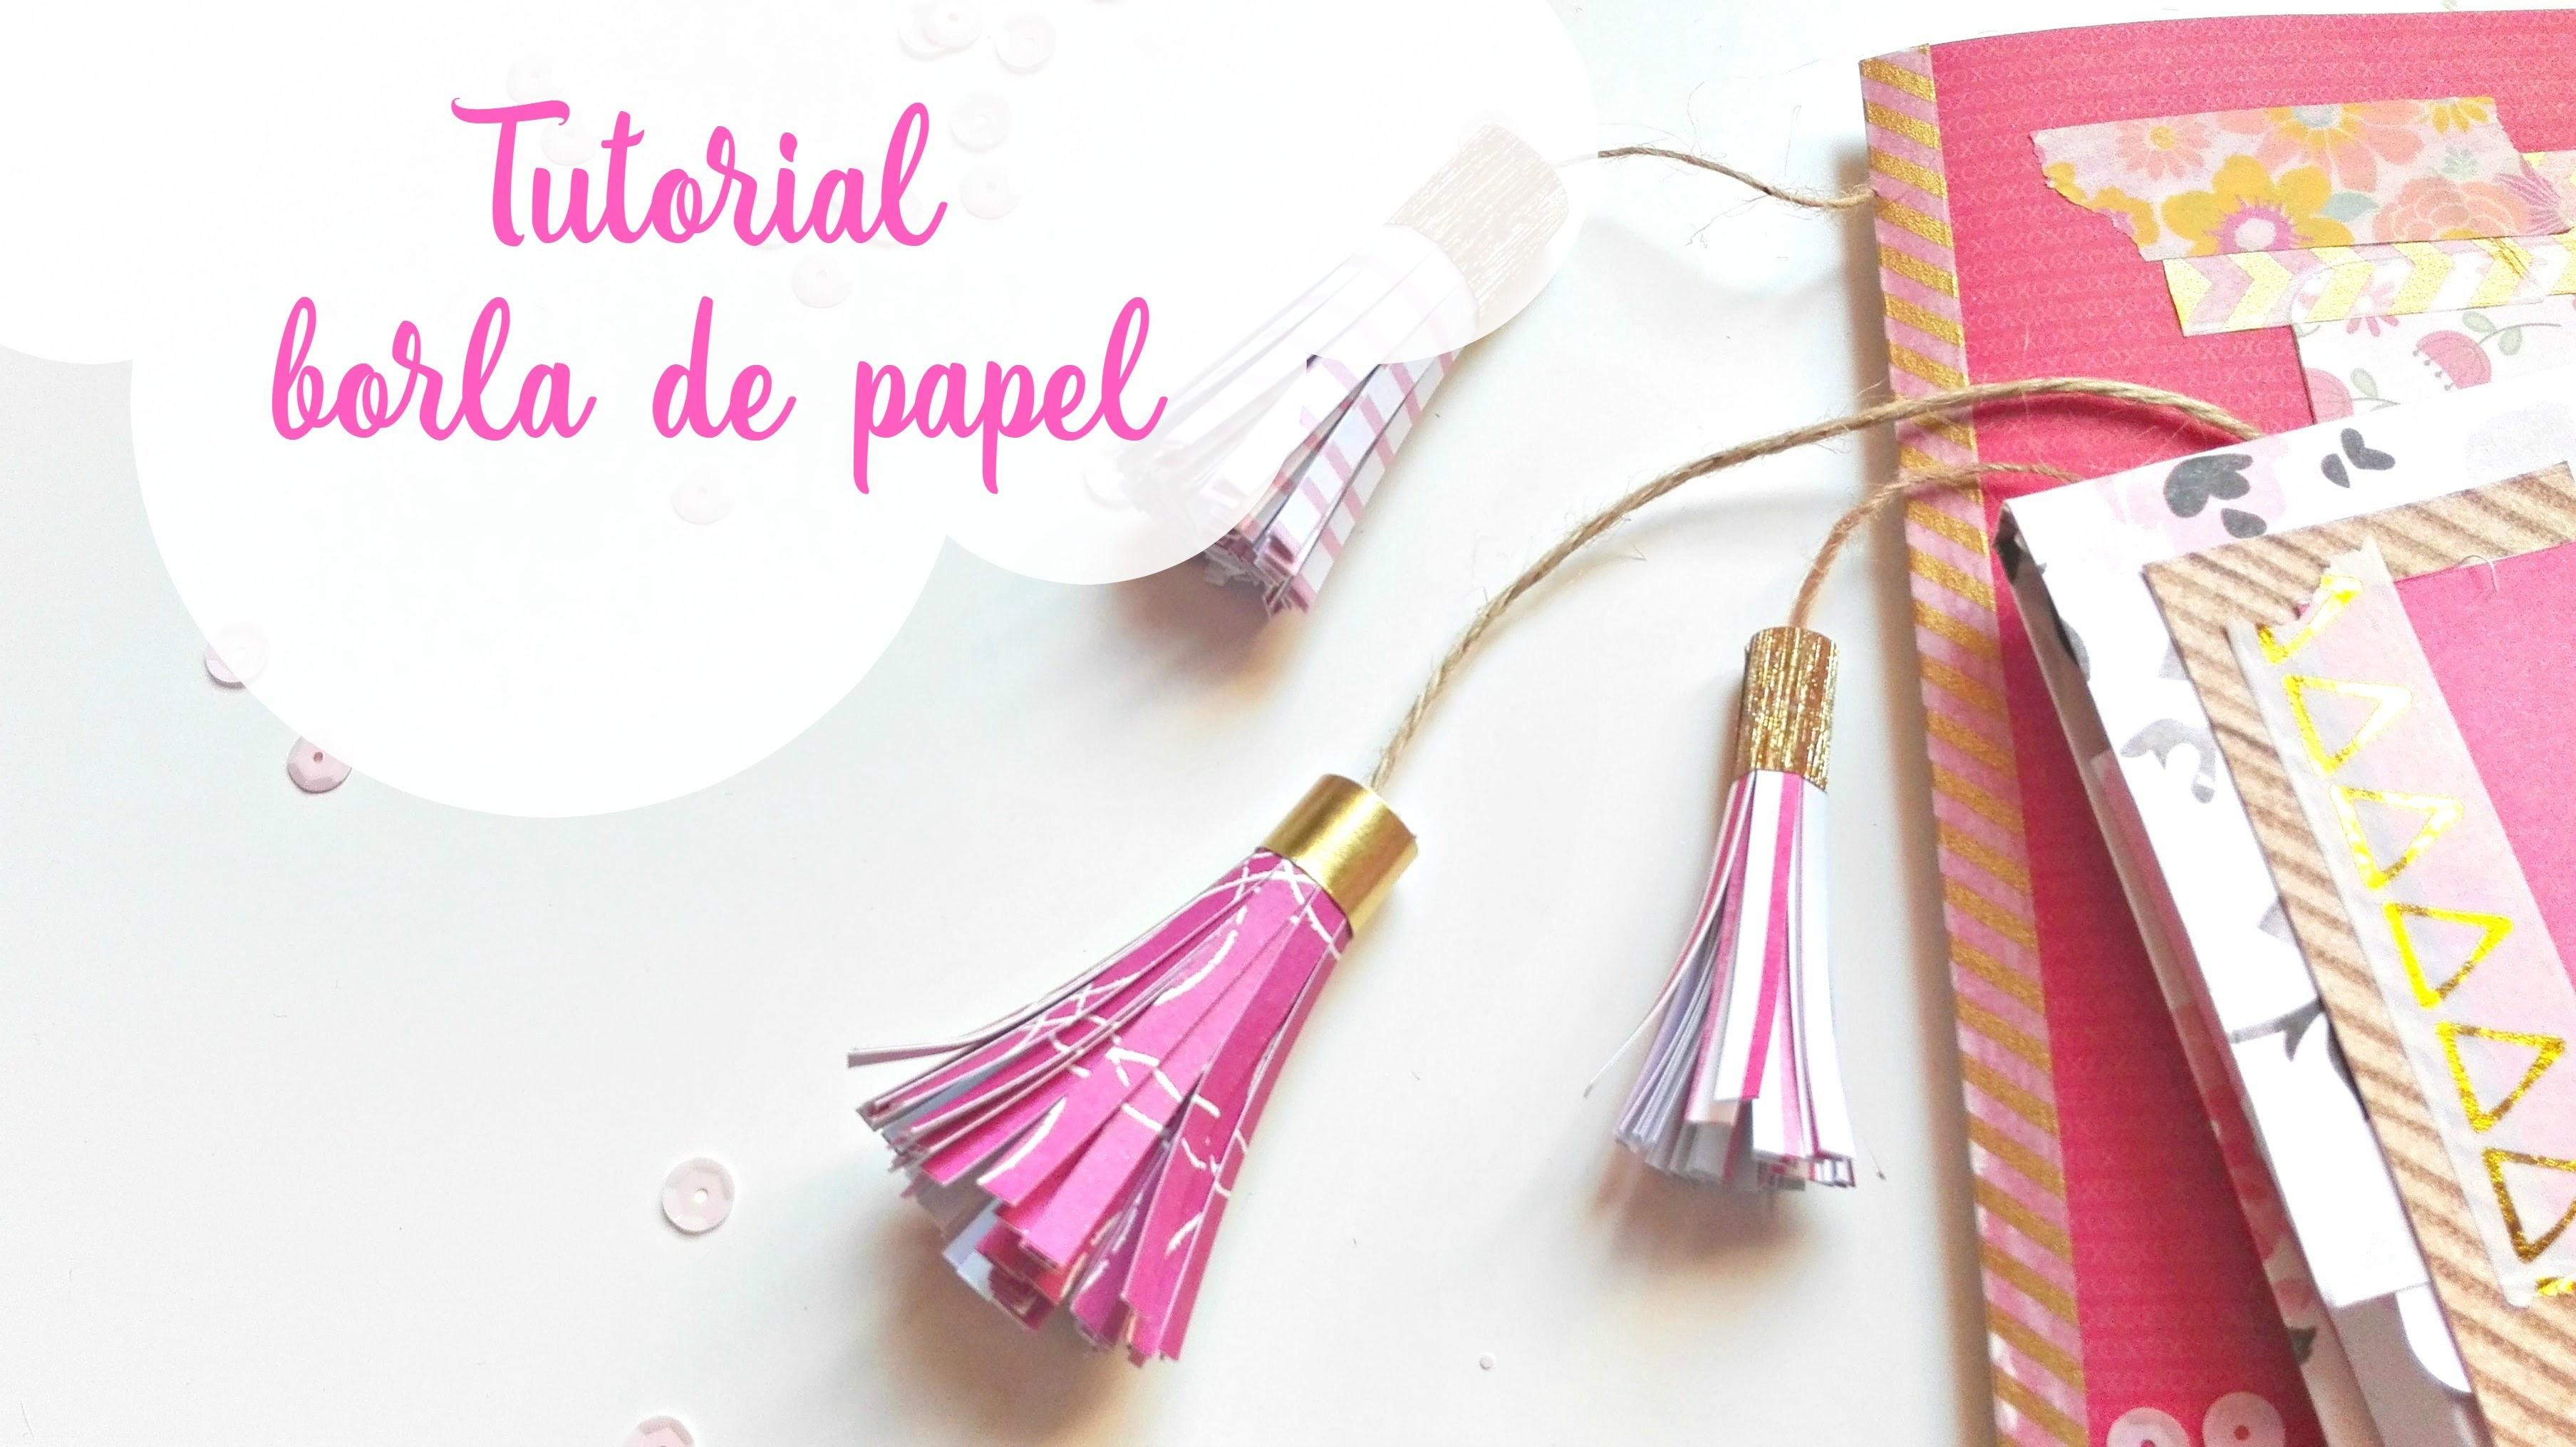 Tutorial: cómo hacer una borla de papel decorado | How to make a paper tassel | Scrapeando con Rocío